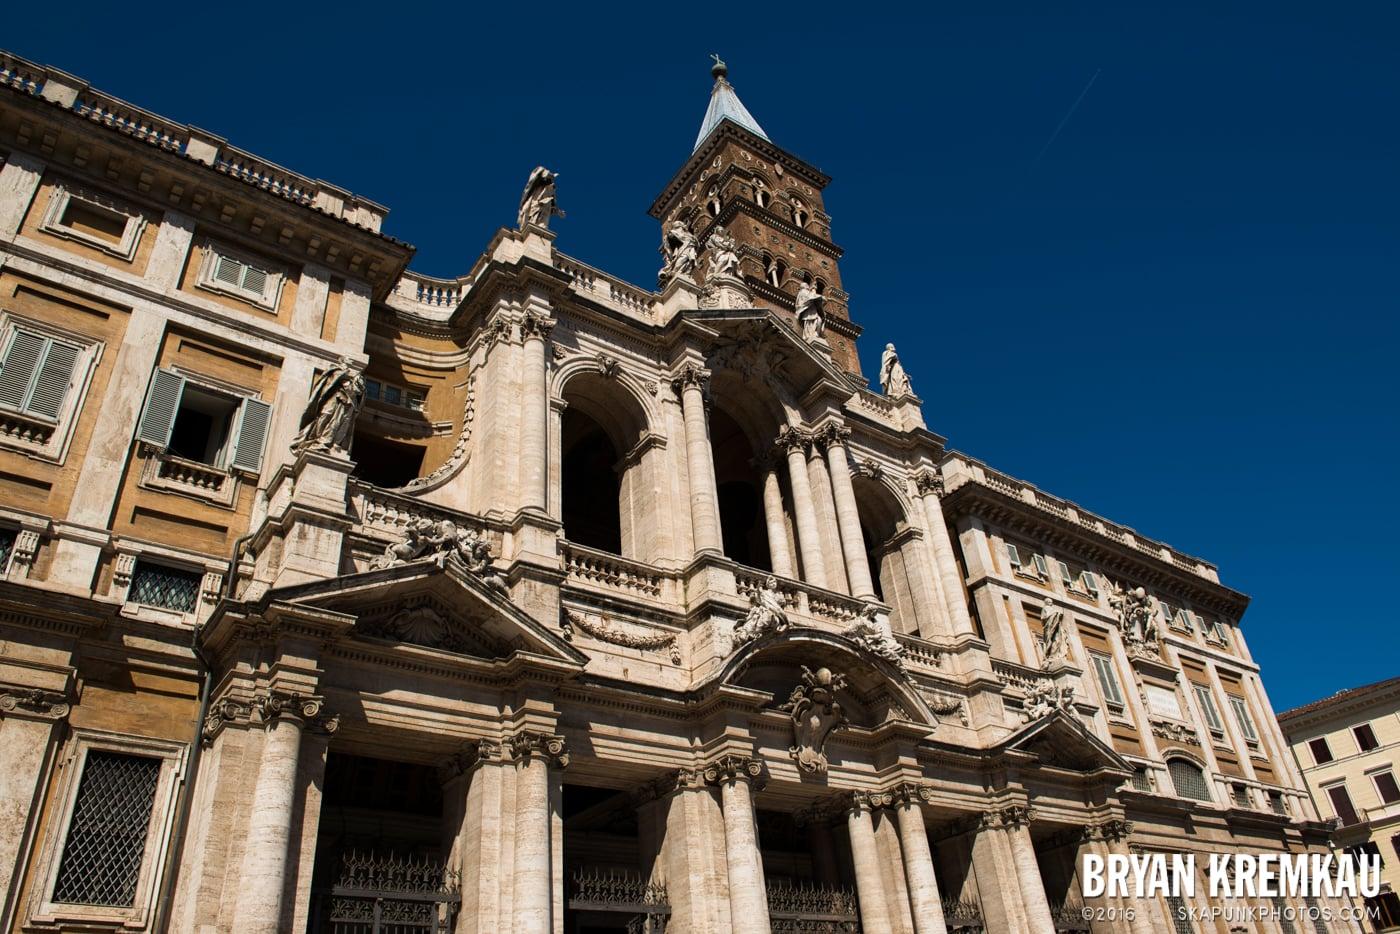 Italy Vacation - Day 12: Rome - 9.20.13 (47)